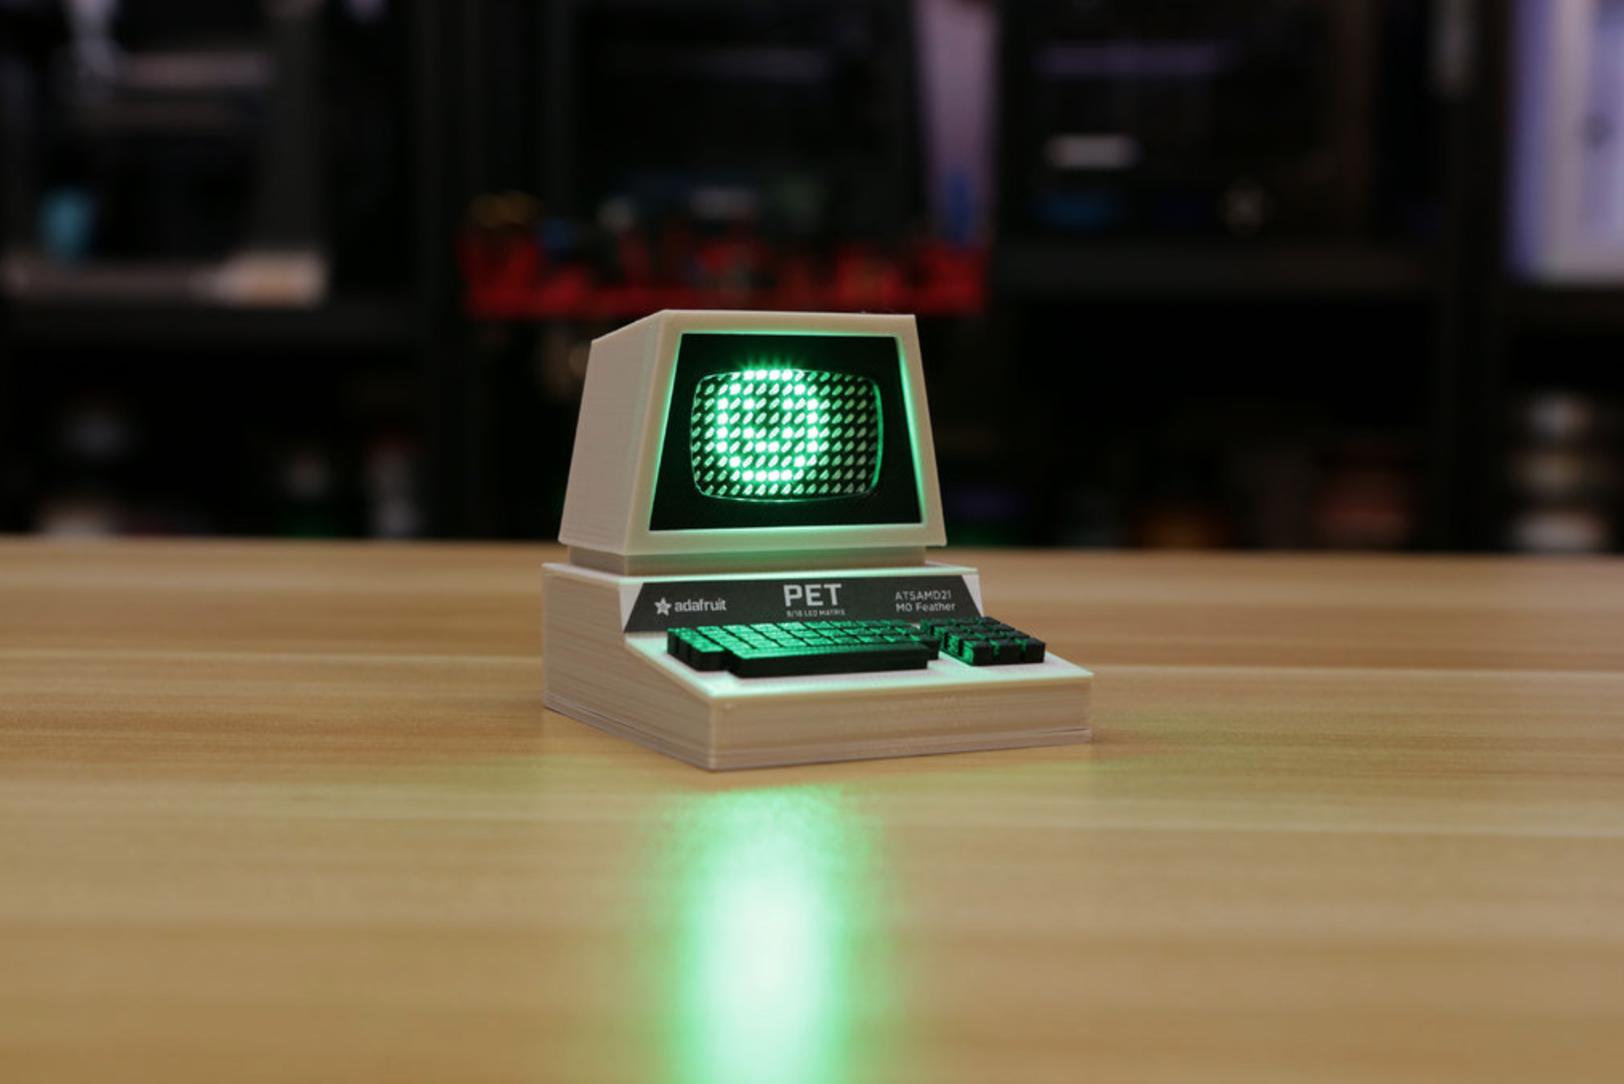 Capture d'écran 2016-12-01 à 10.43.21.png Télécharger fichier STL gratuit Mini Commodore PET with Charlieplexed LED Matrix • Plan à imprimer en 3D, Adafruit